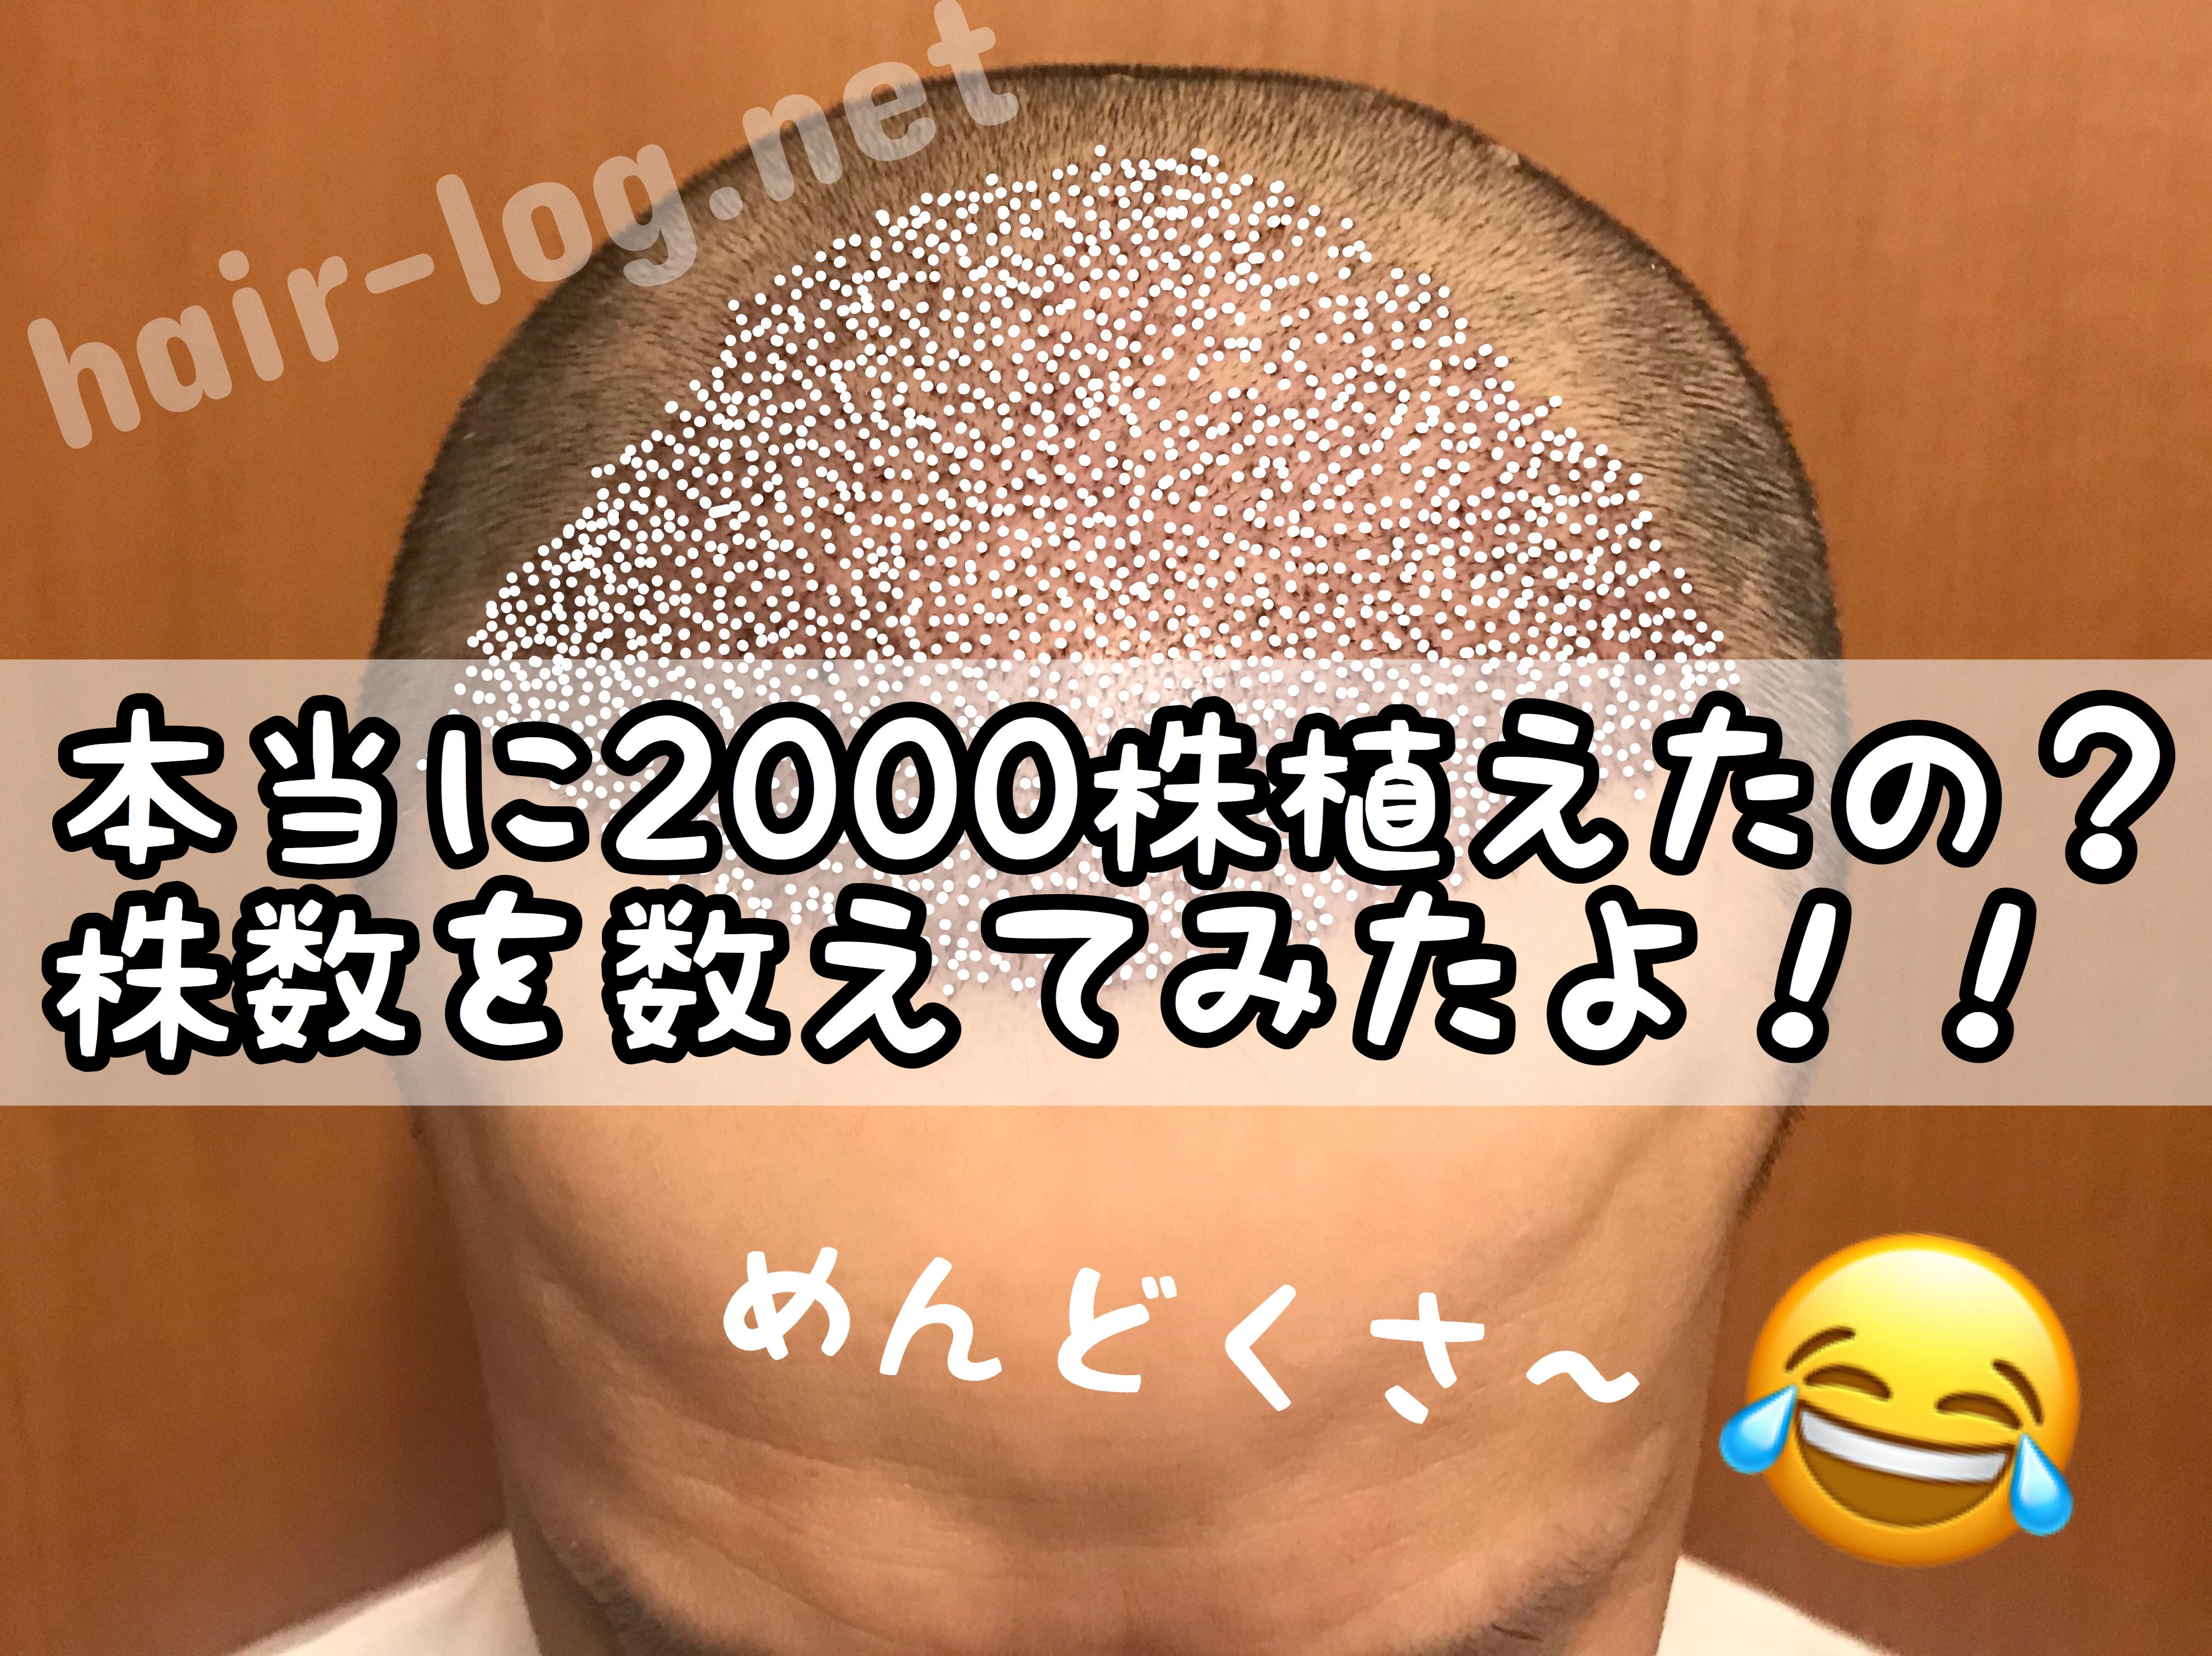 【植毛手術後86日目】本当に2000株植えたの?株数を数えてみたよ!!